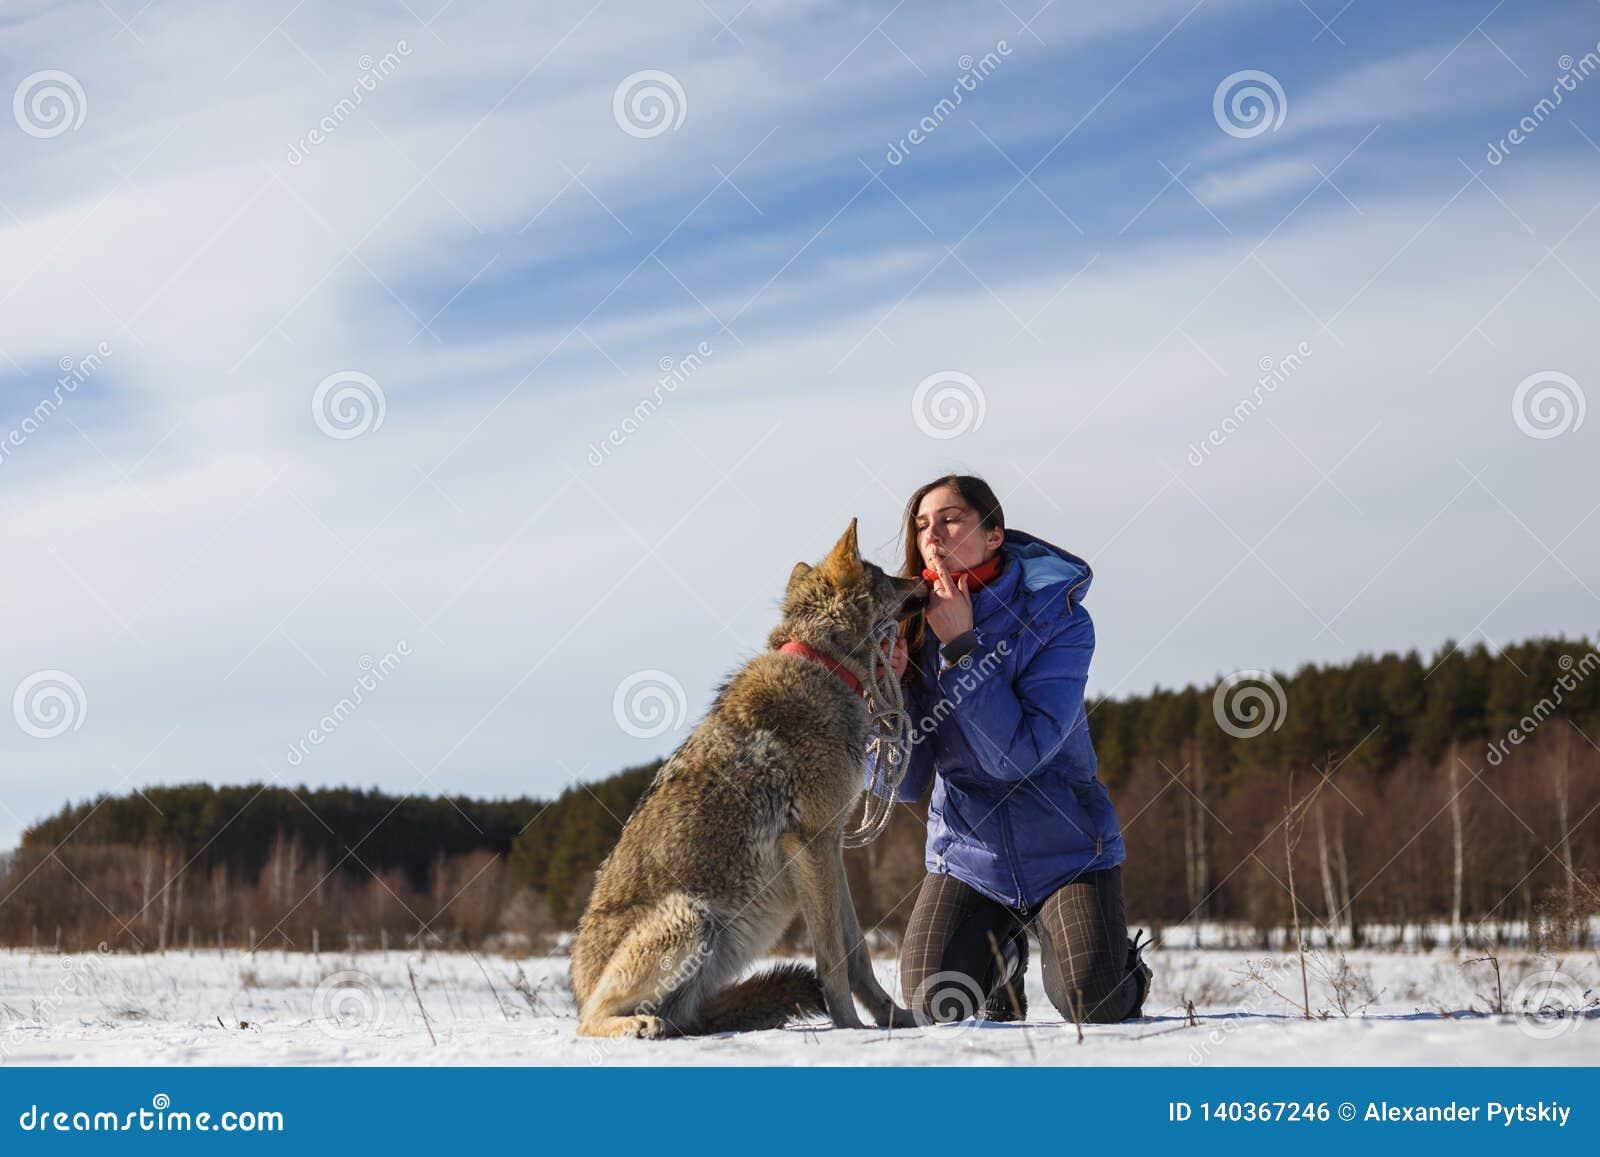 Der graue Wolf küsst das Mädchen auf den Lippen Snowy-Feld nahe dem Wald